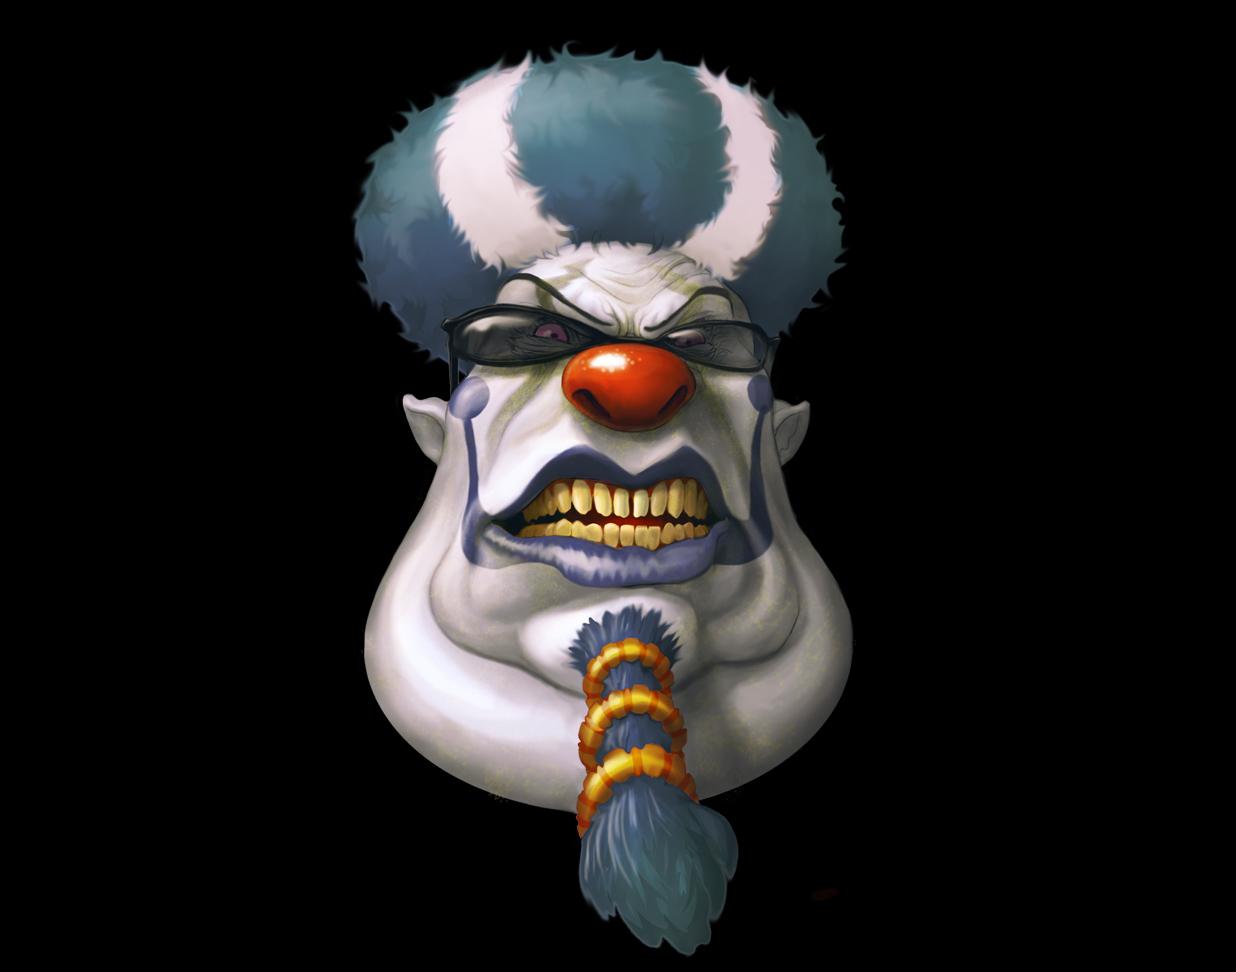 Free Download Evil Clown Wallpaper Submited Images [1236X972 destiné Etoil Clown